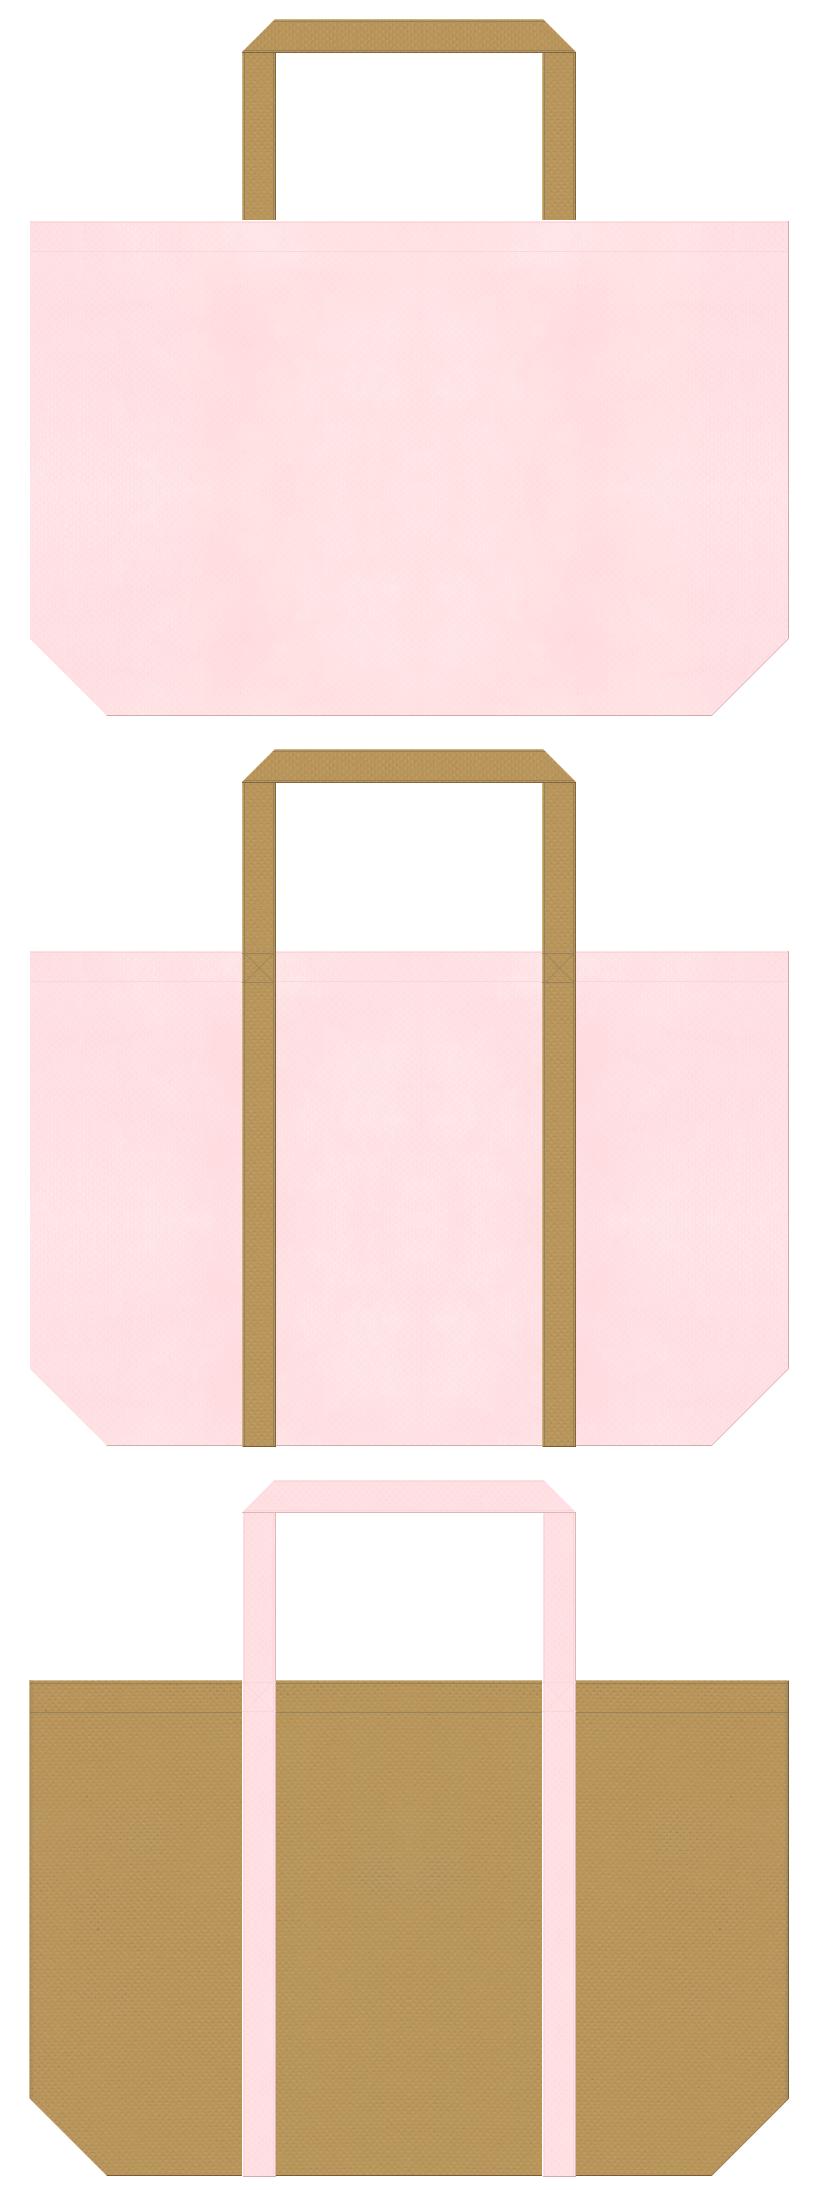 ペットショップ・ペットサロン・ペット用品・ペットフード・アニマルケア・絵本・おとぎ話・子鹿・子犬・ガーリーデザインにお奨めの不織布バッグデザイン:桜色と金黄土色のコーデ